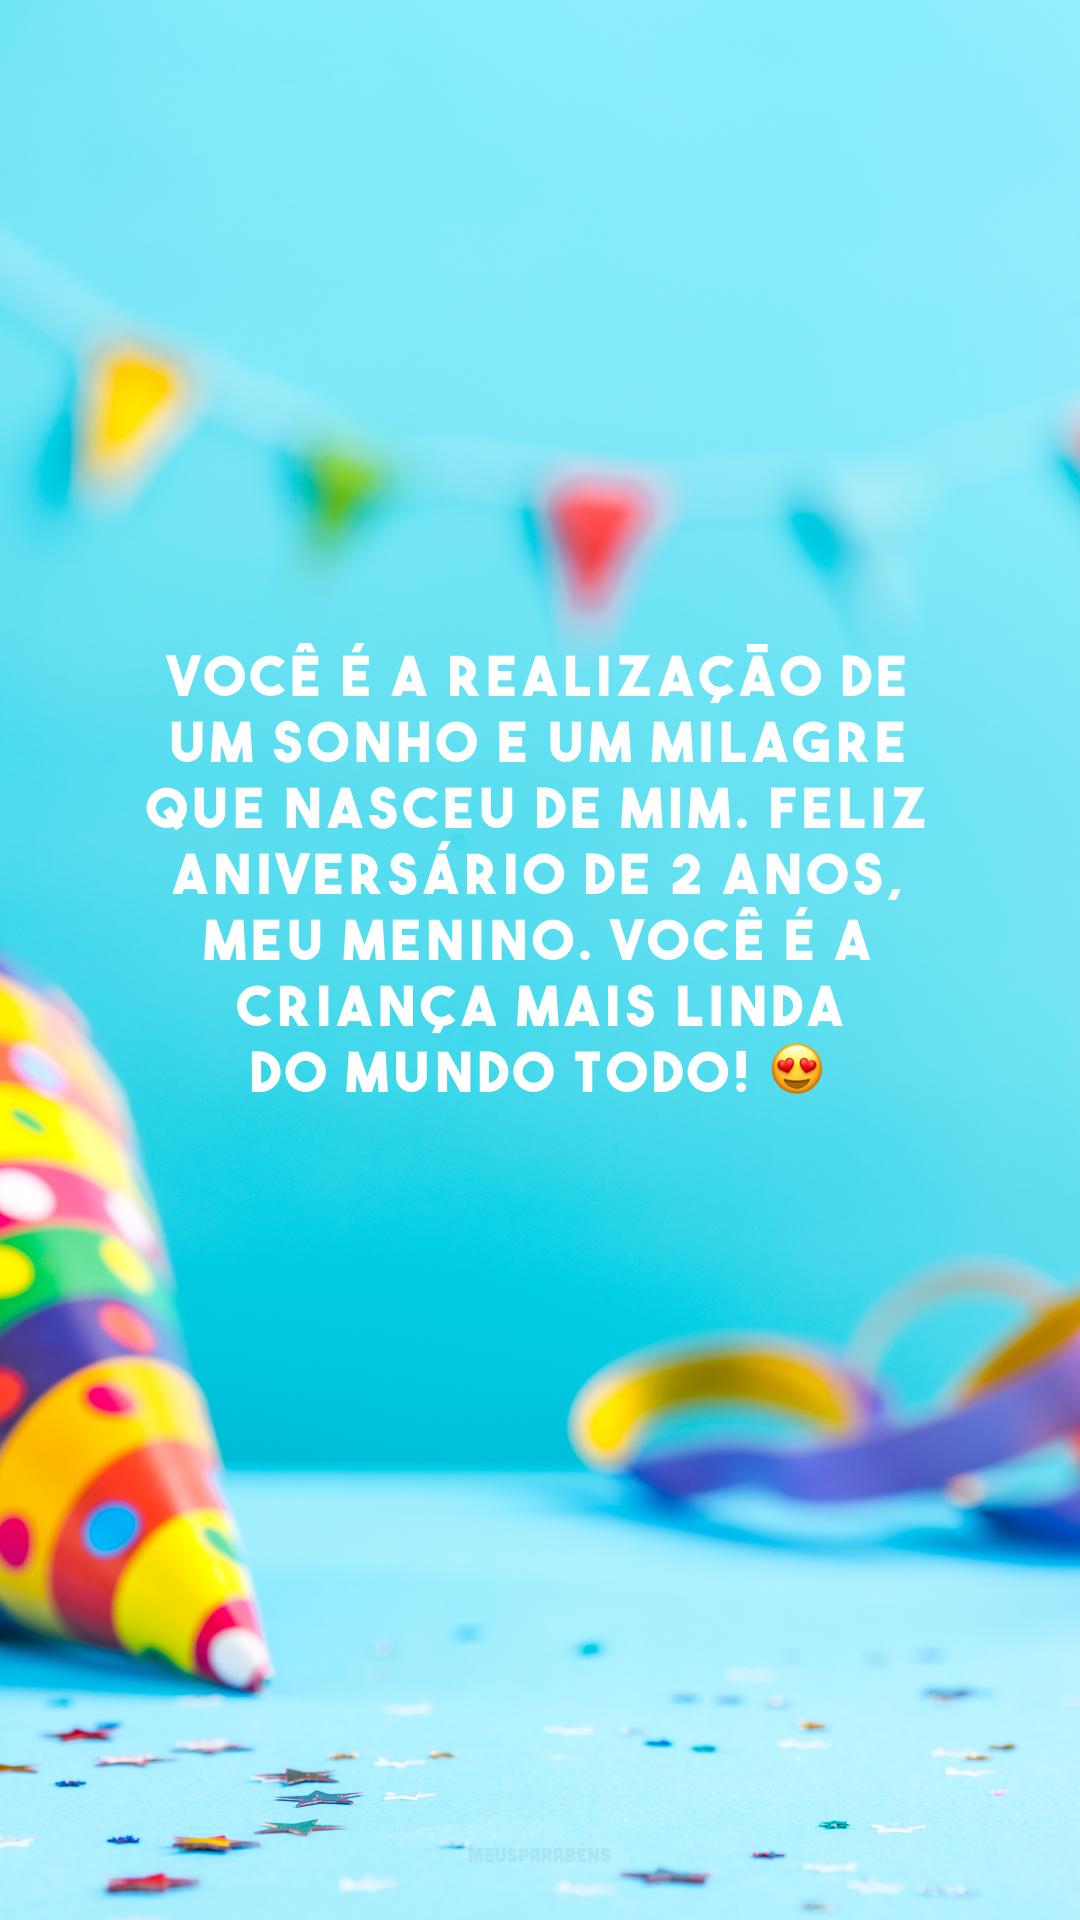 Você é a realização de um sonho e um milagre que nasceu de mim. Feliz aniversário de 2 anos, meu menino. Você é a criança mais linda do mundo todo! 😍